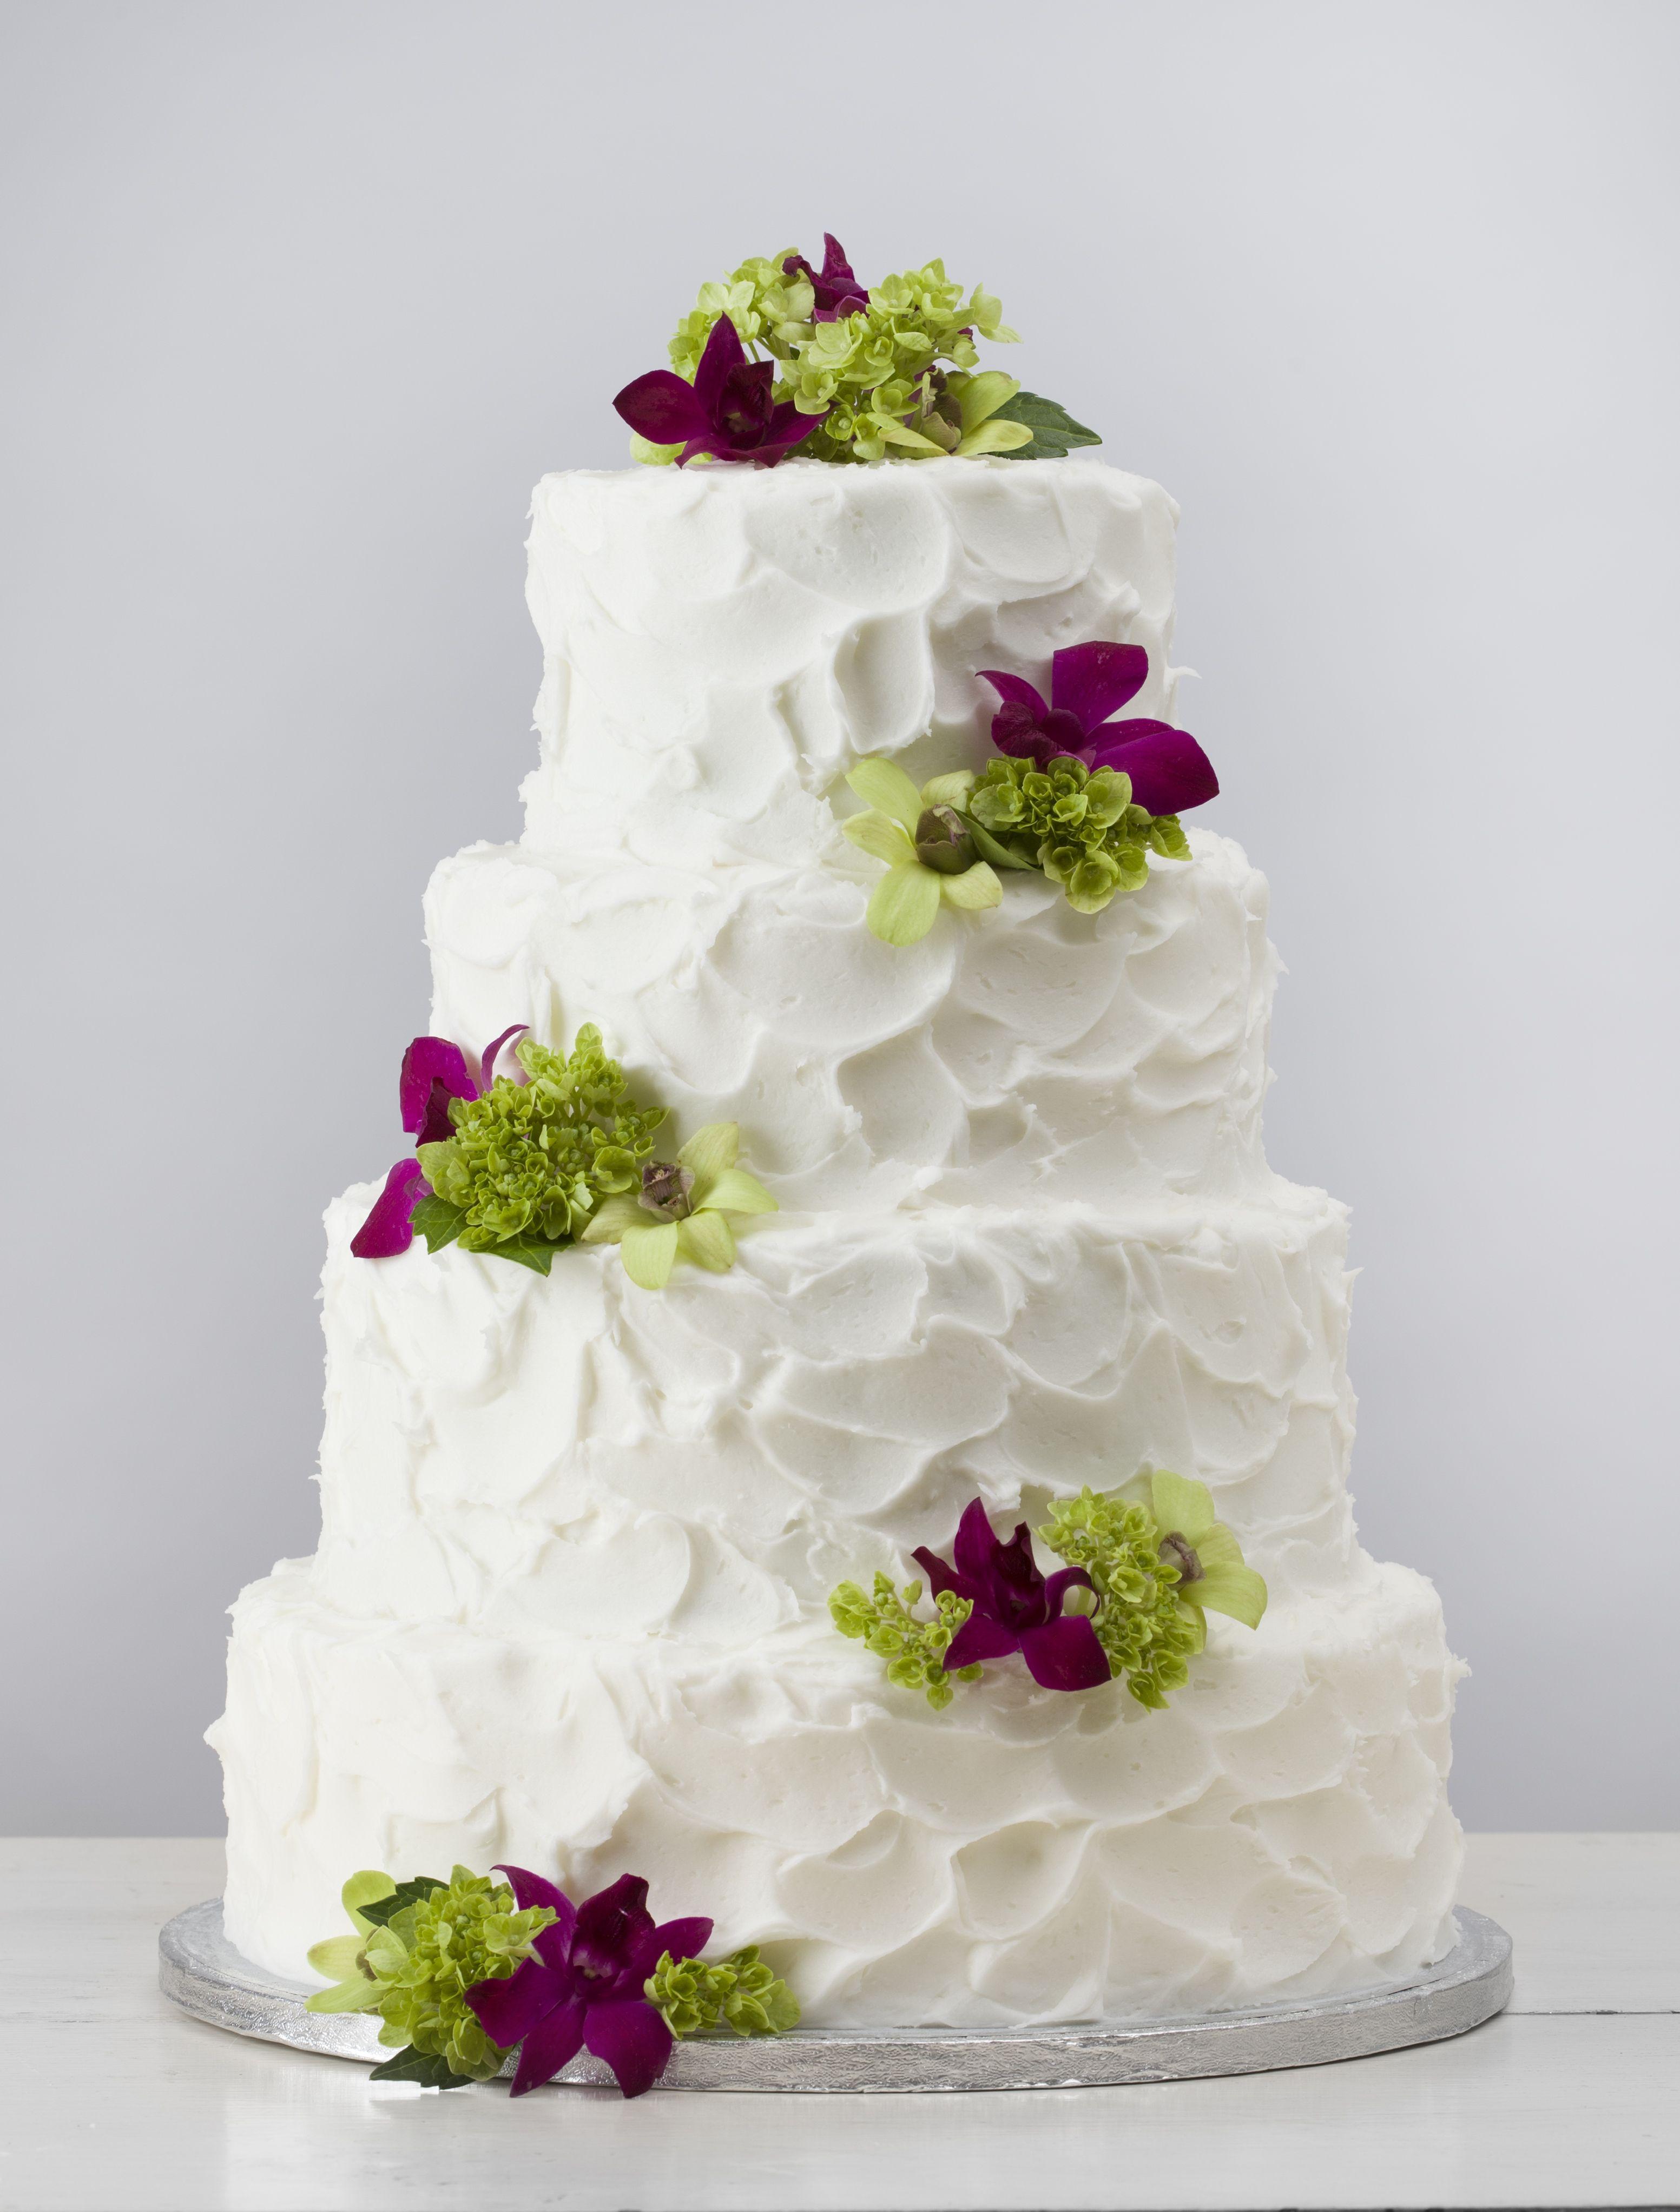 Something New From Martin S Bake Shoppe Wedding Cakes Beautiful Wedding Cakes Cake